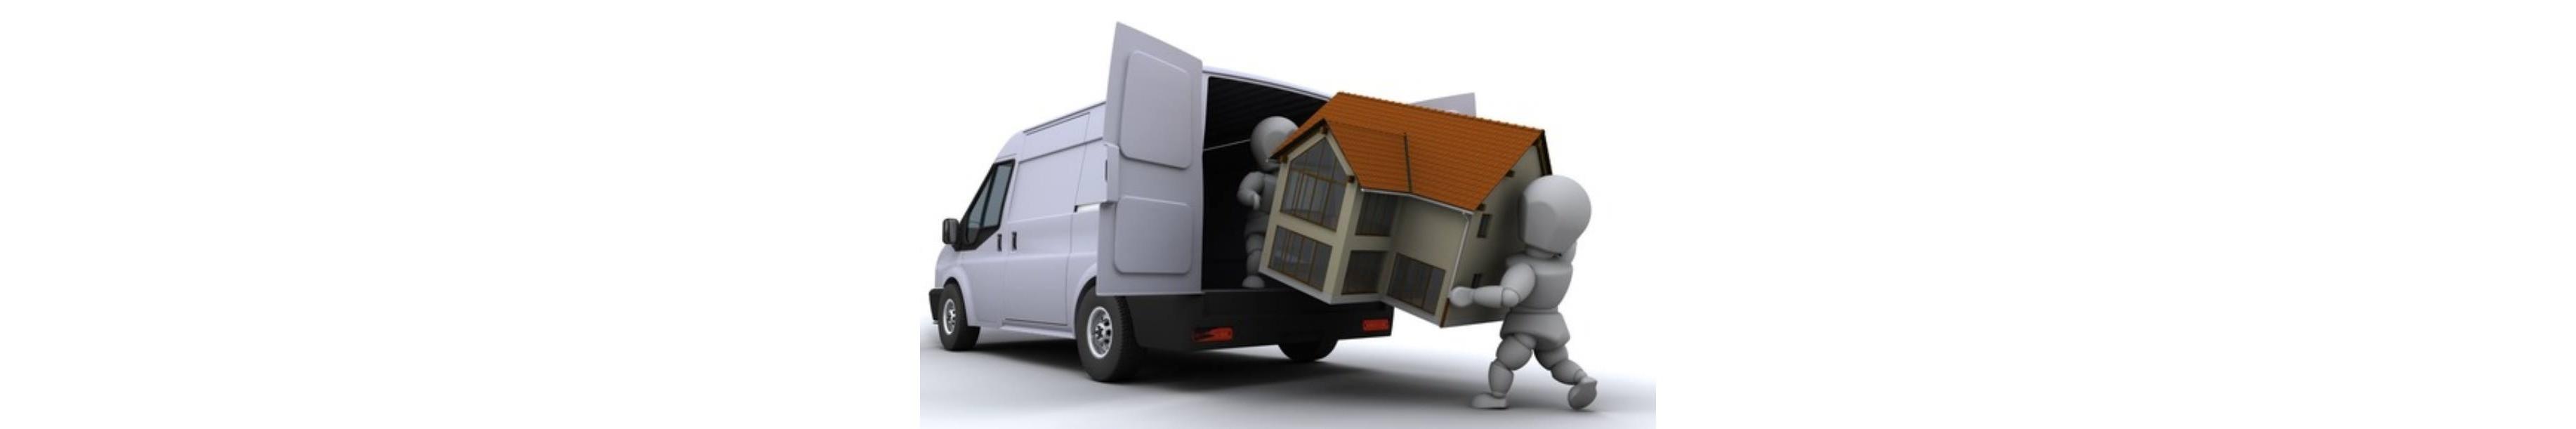 Доставка грузов между Прибалтикой и Испанией